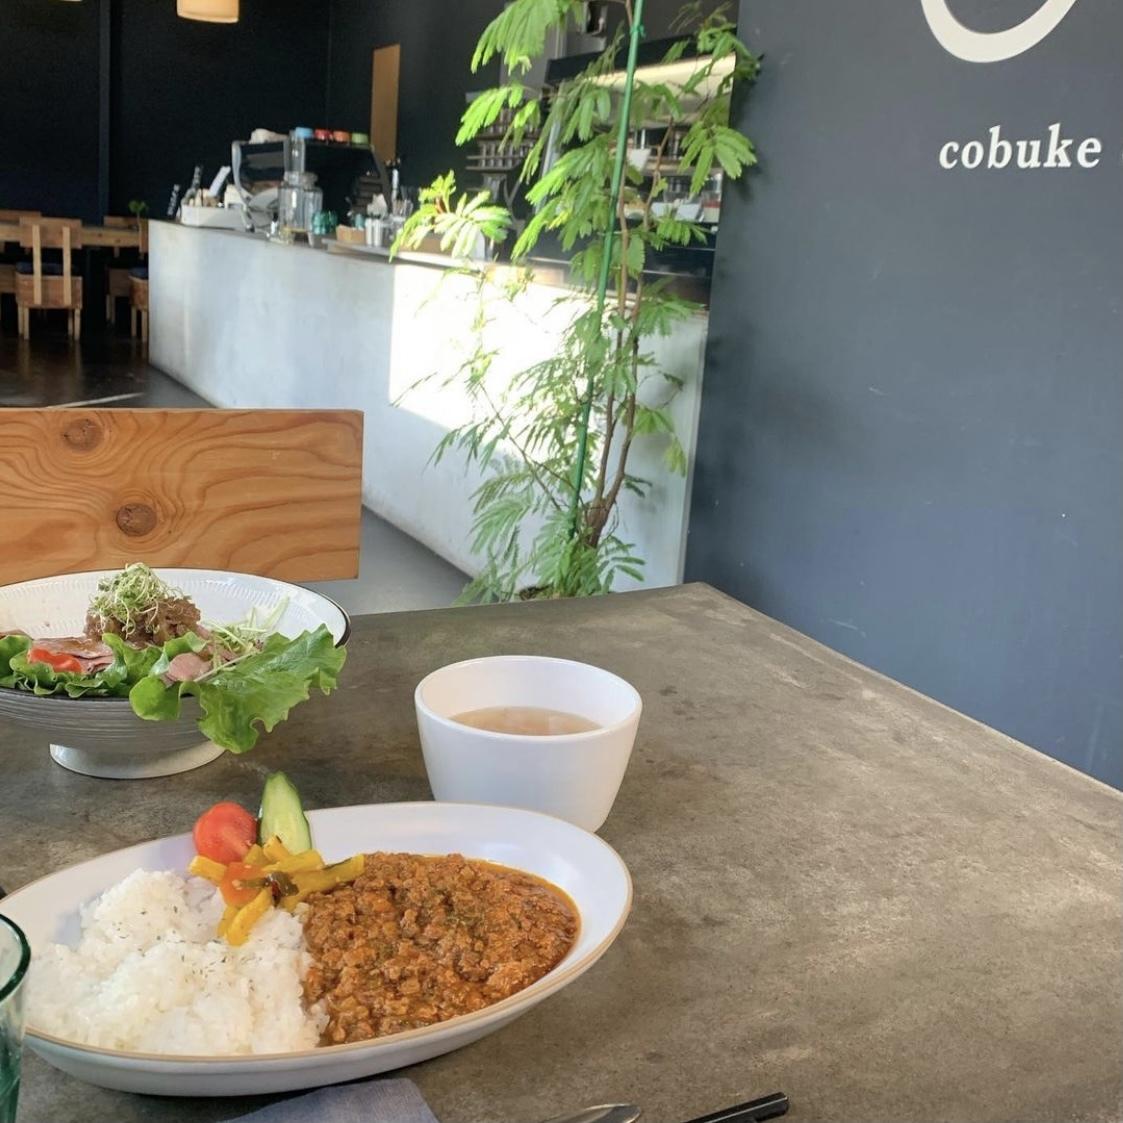 【千葉カフェ】cobuke coffeeに行ってきました!_1_3